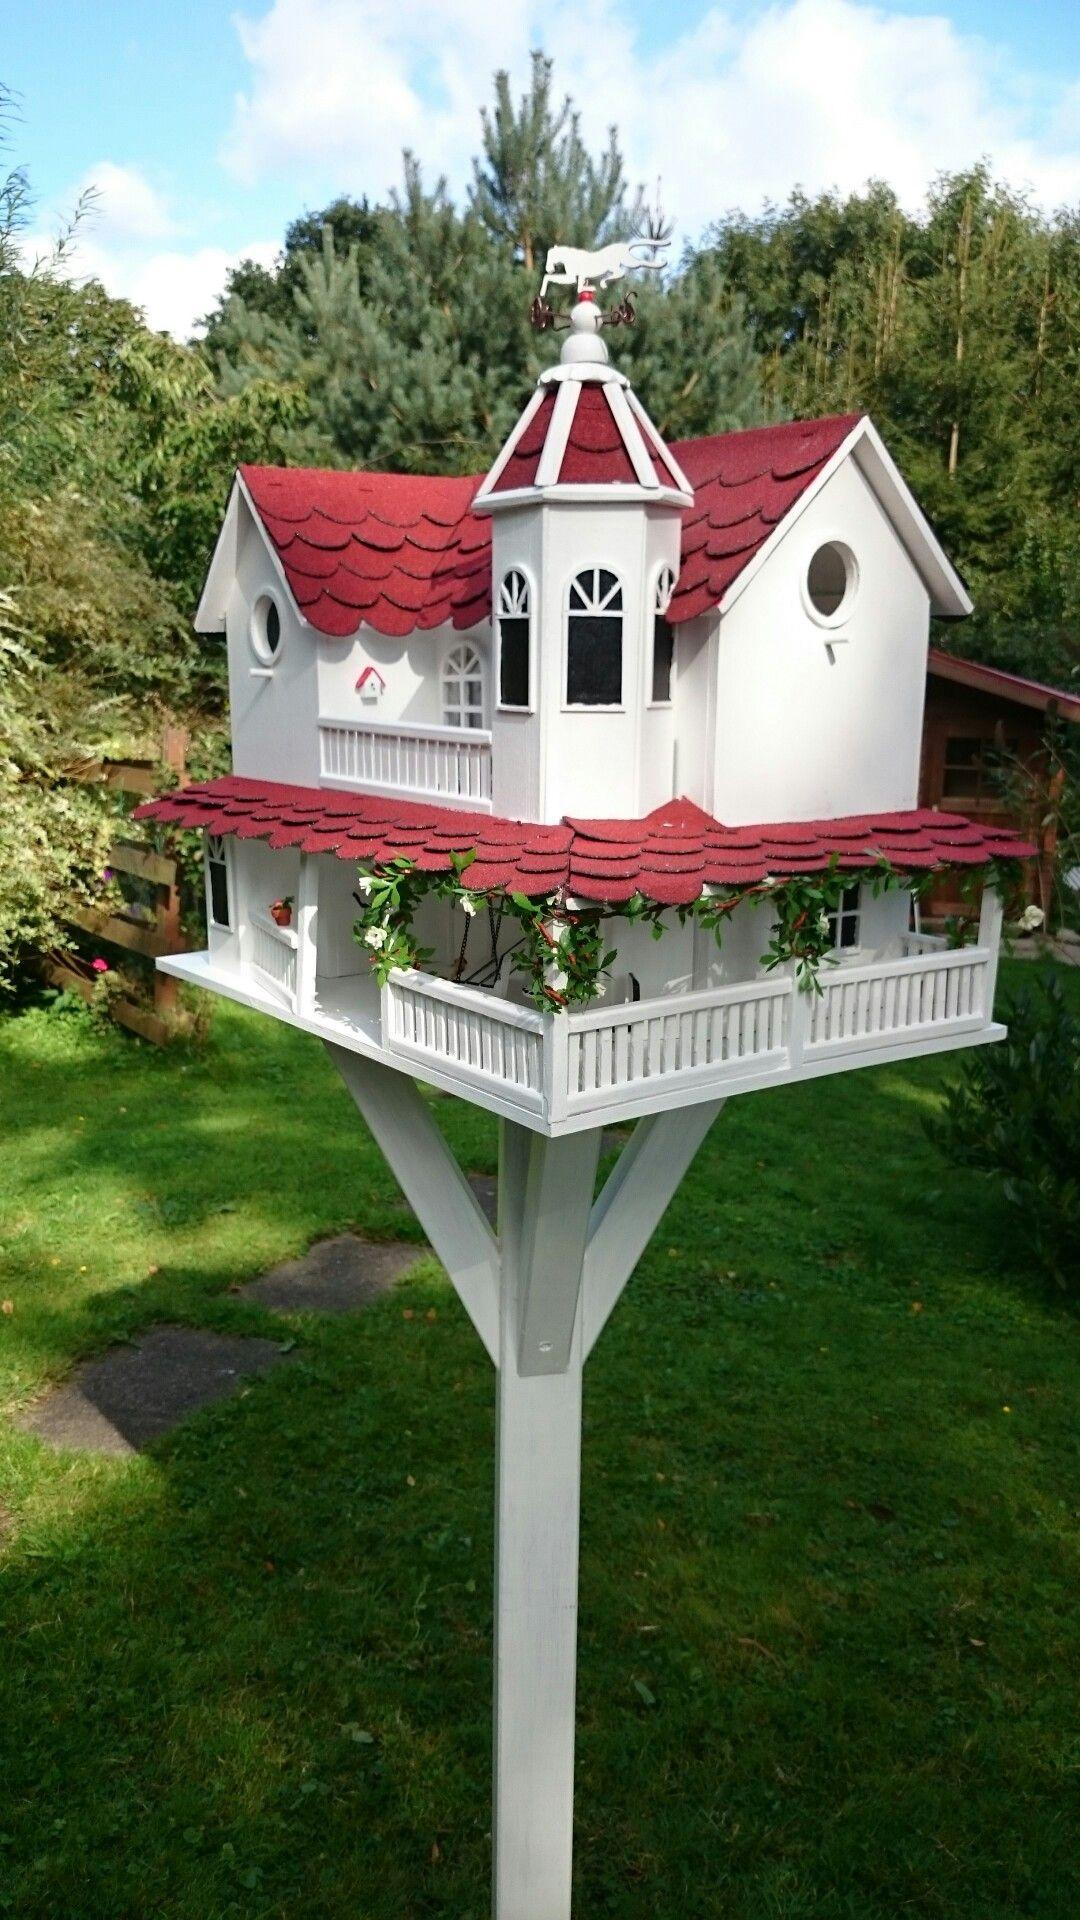 vogelfutterhaus in americanischen design mit futterschublade u nistplatz selbst gebaut. Black Bedroom Furniture Sets. Home Design Ideas